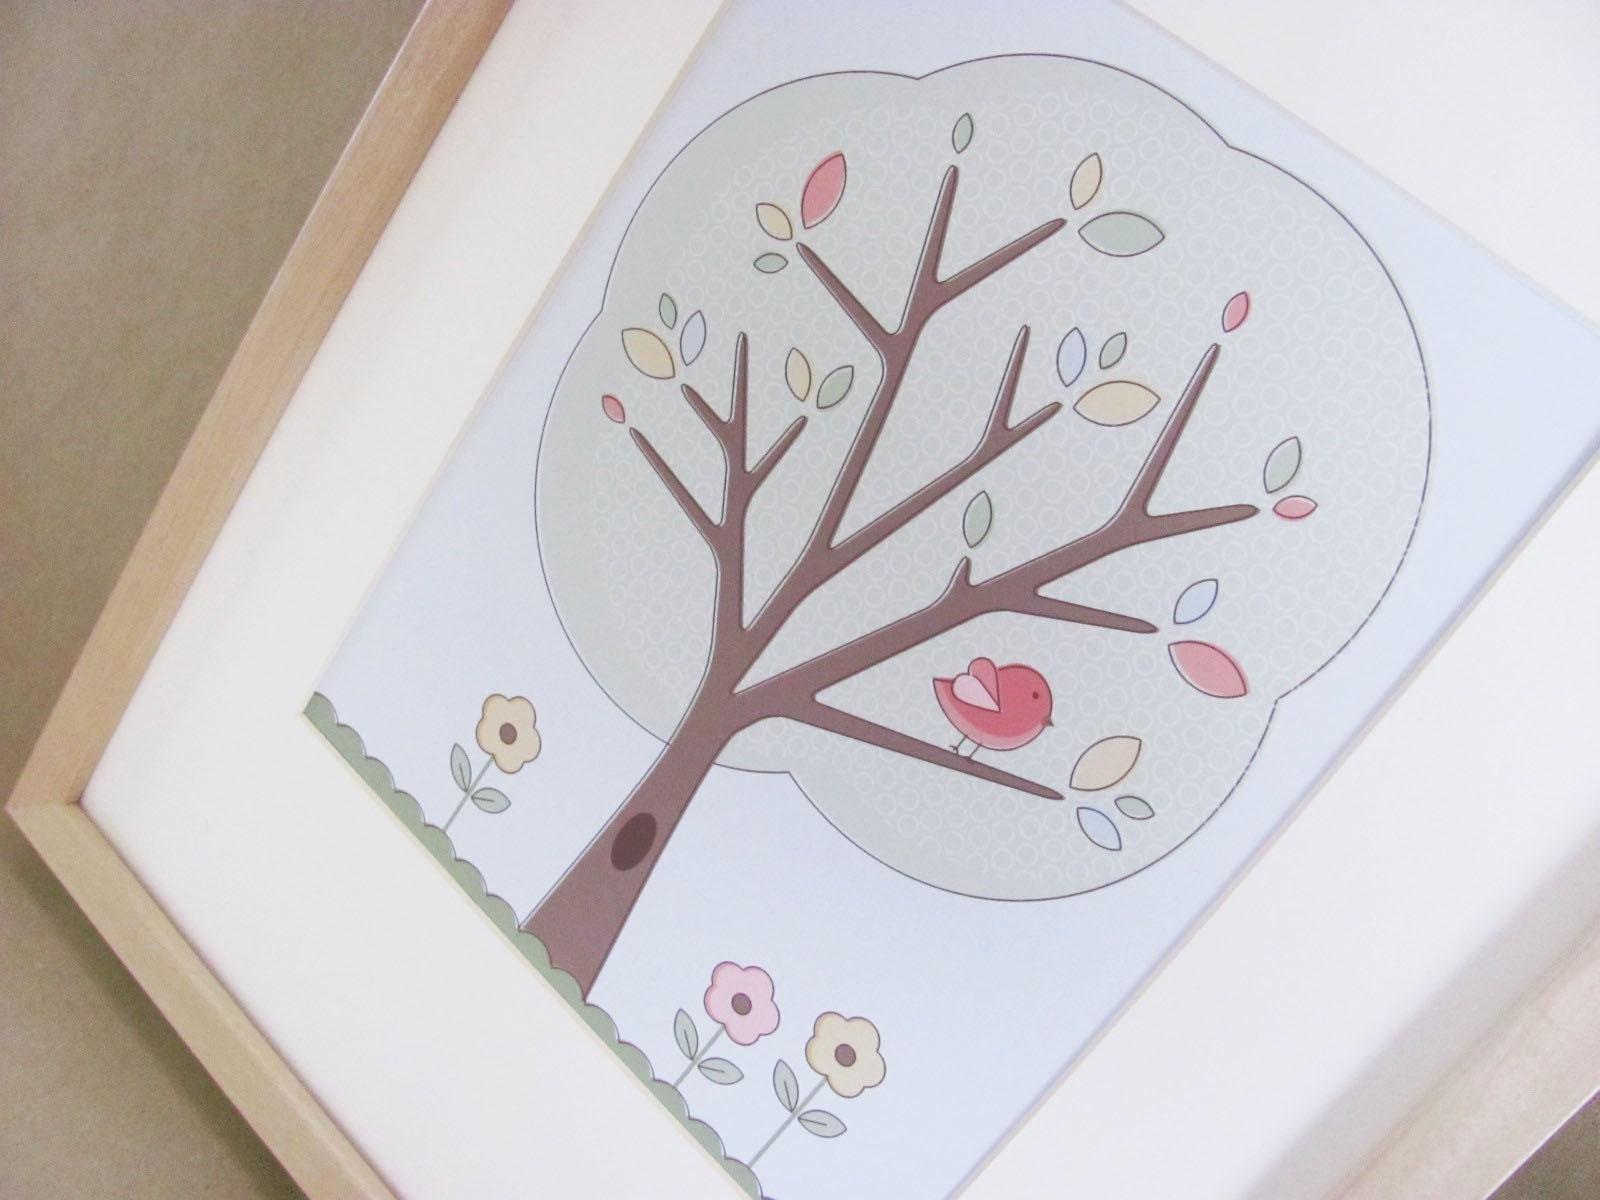 Nature Inspired Children's Print - Tree